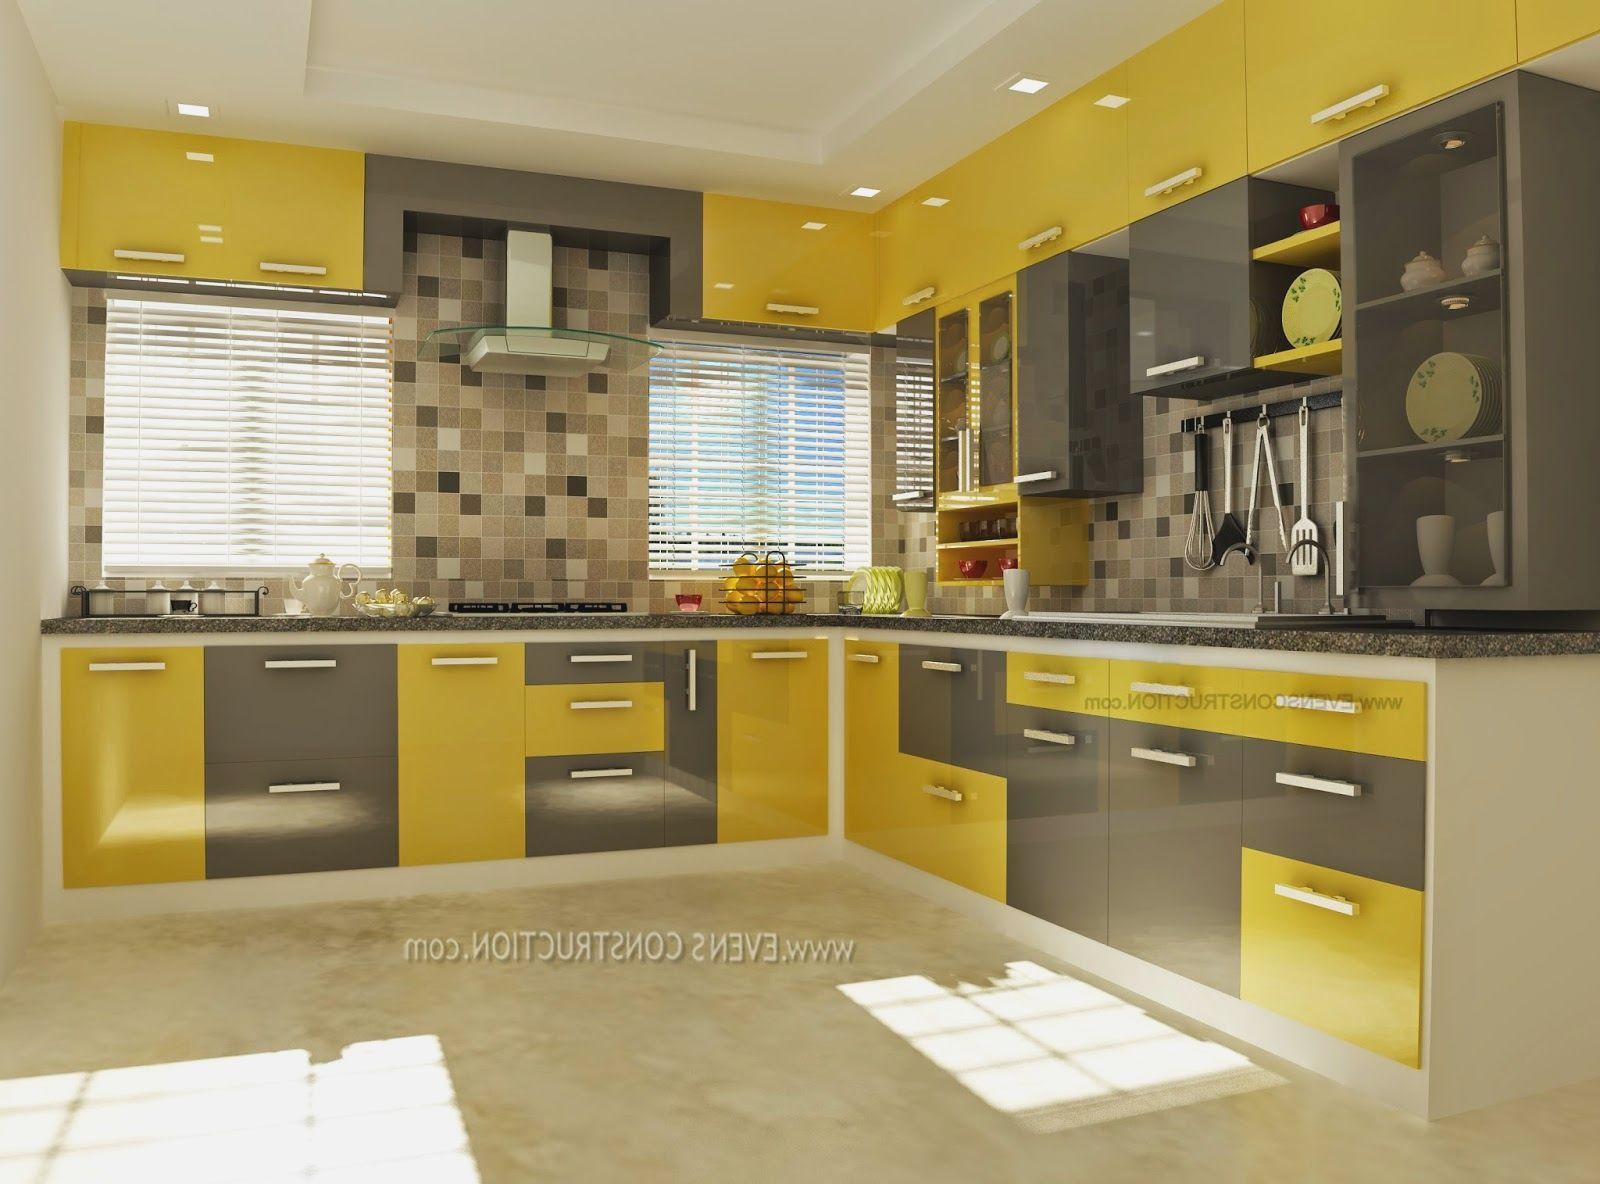 Boundary Wall Design In Home Valoblogi Com